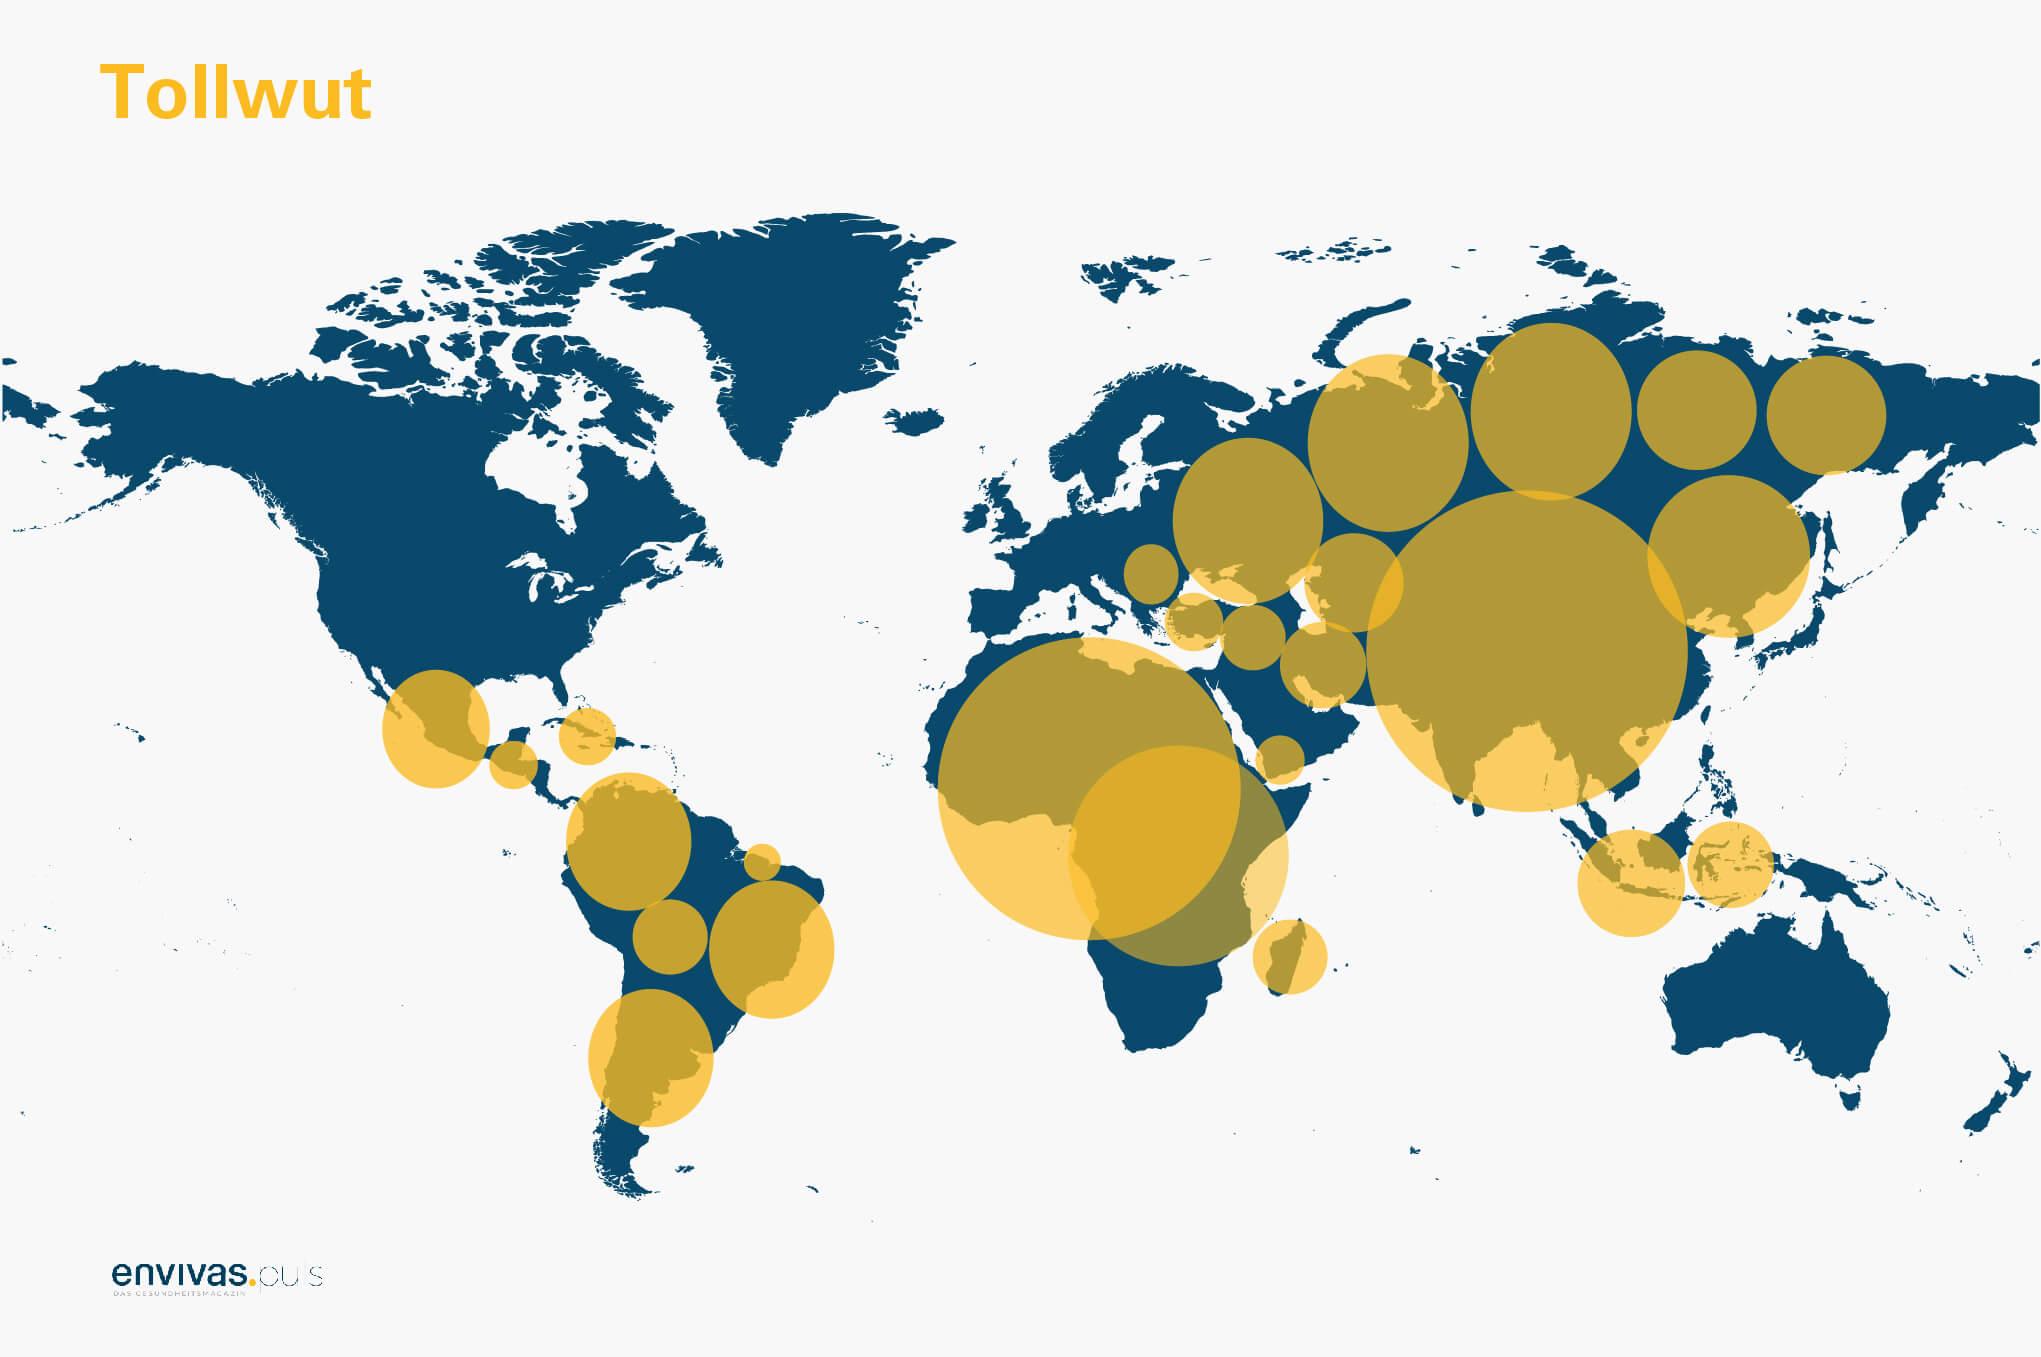 Weltkarte zeigt Tollwutvirus-Verbreitungsgebiete - Grafische Darstellung